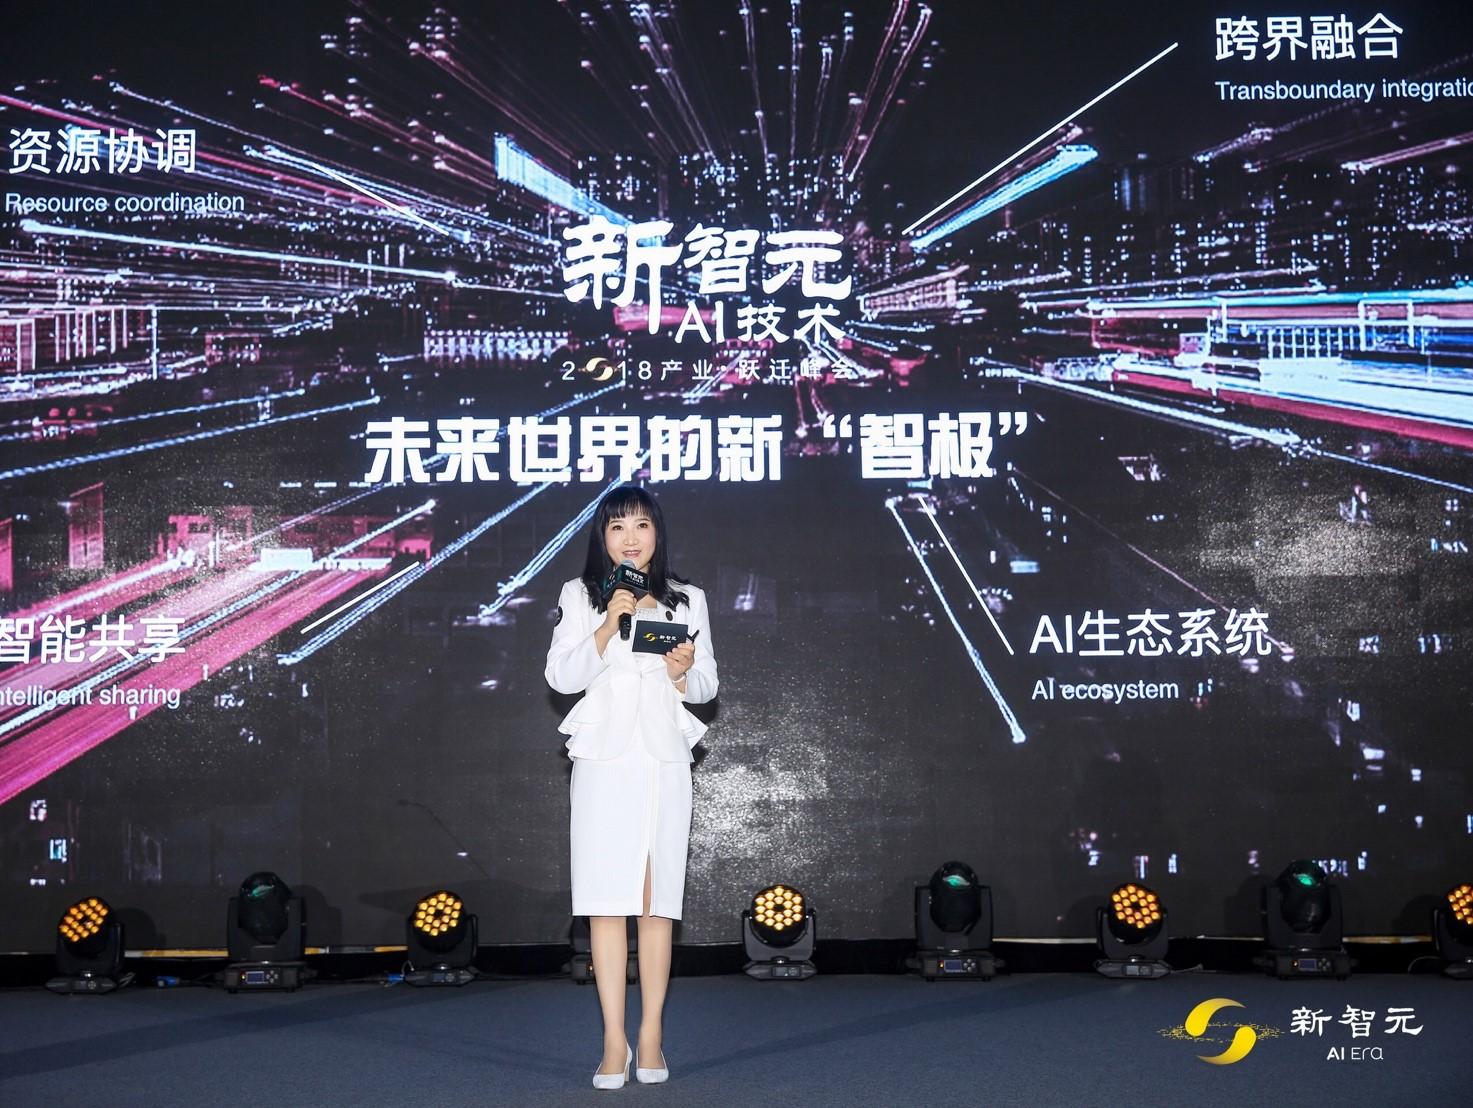 中欧院士详解中国AI+产业跃迁路线 打造世界新智极